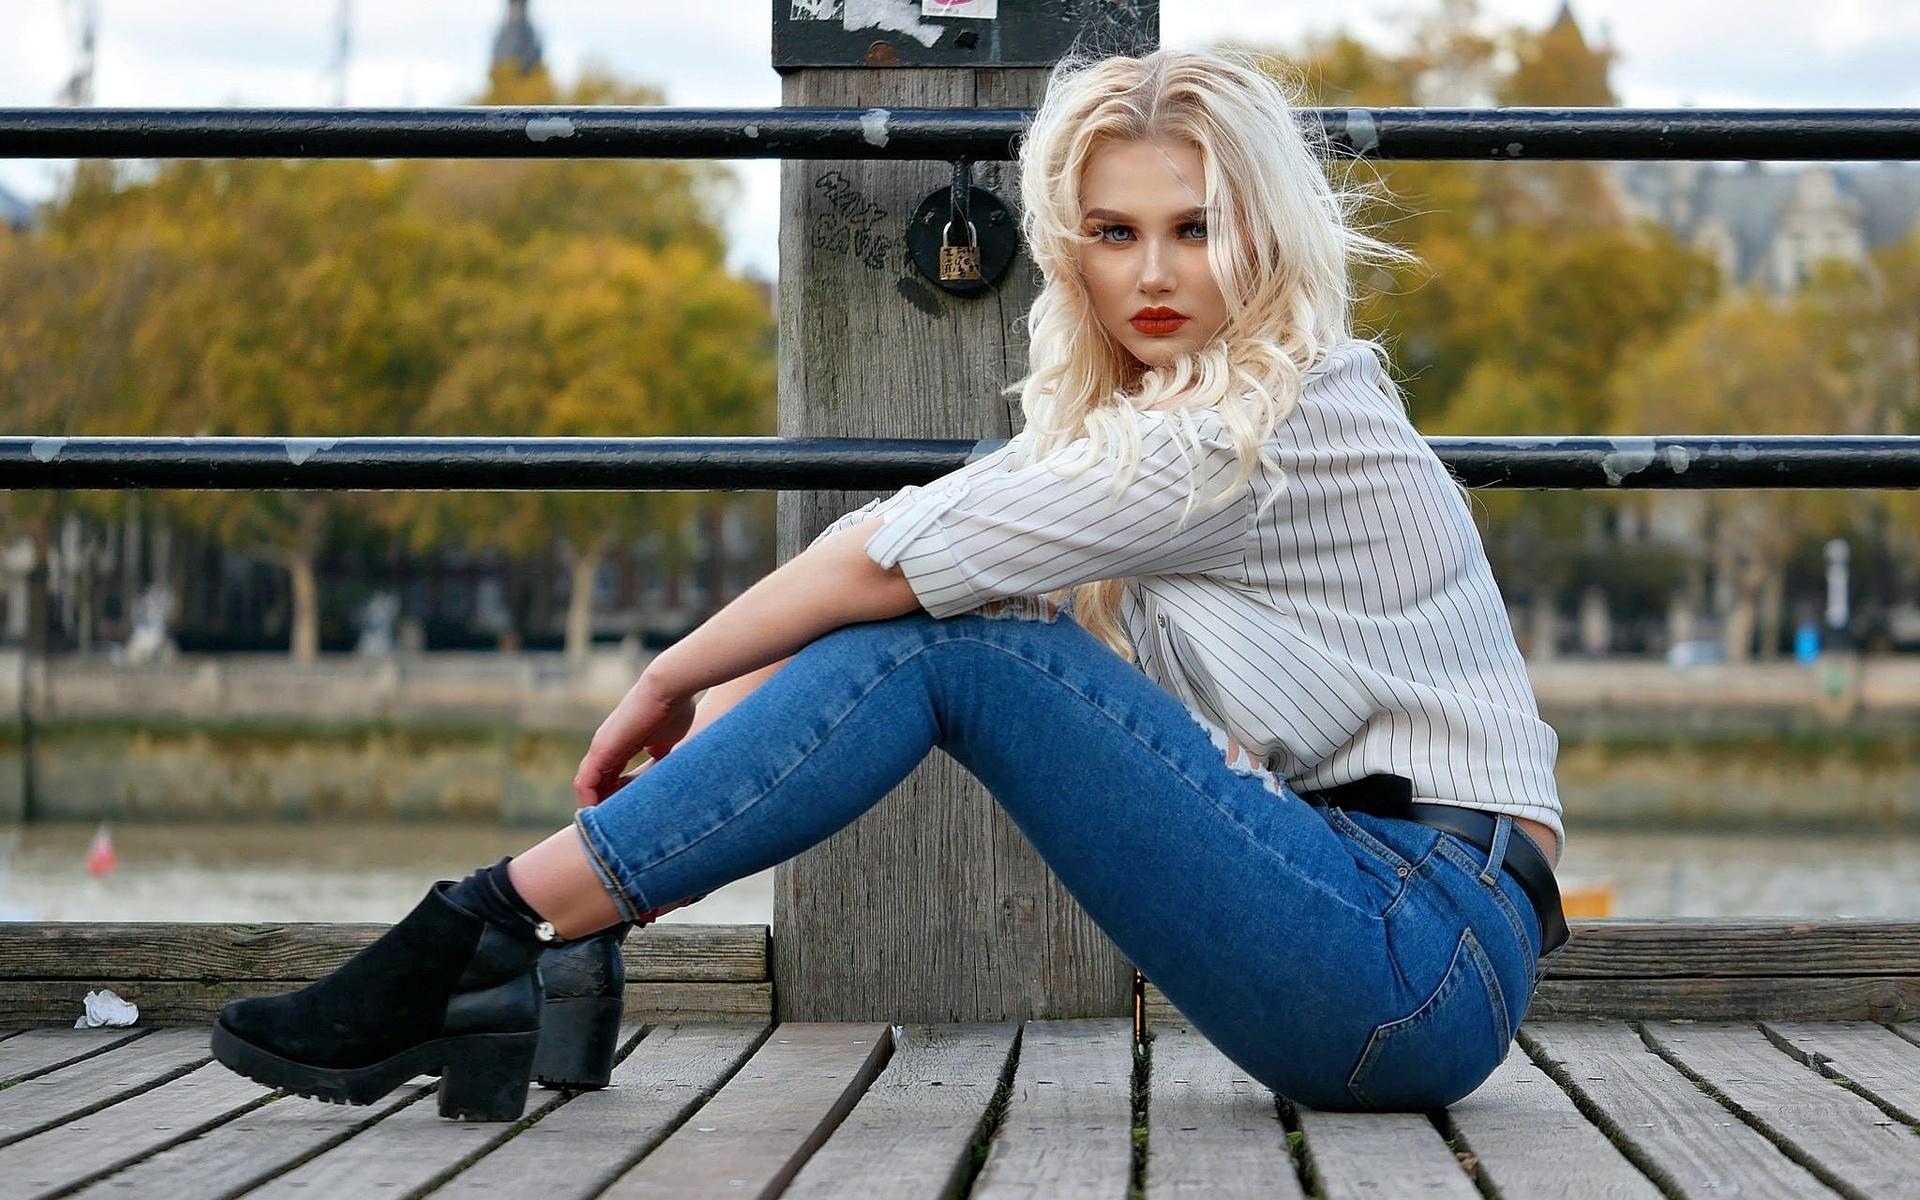 Брюнетка и блондинка порно фото может